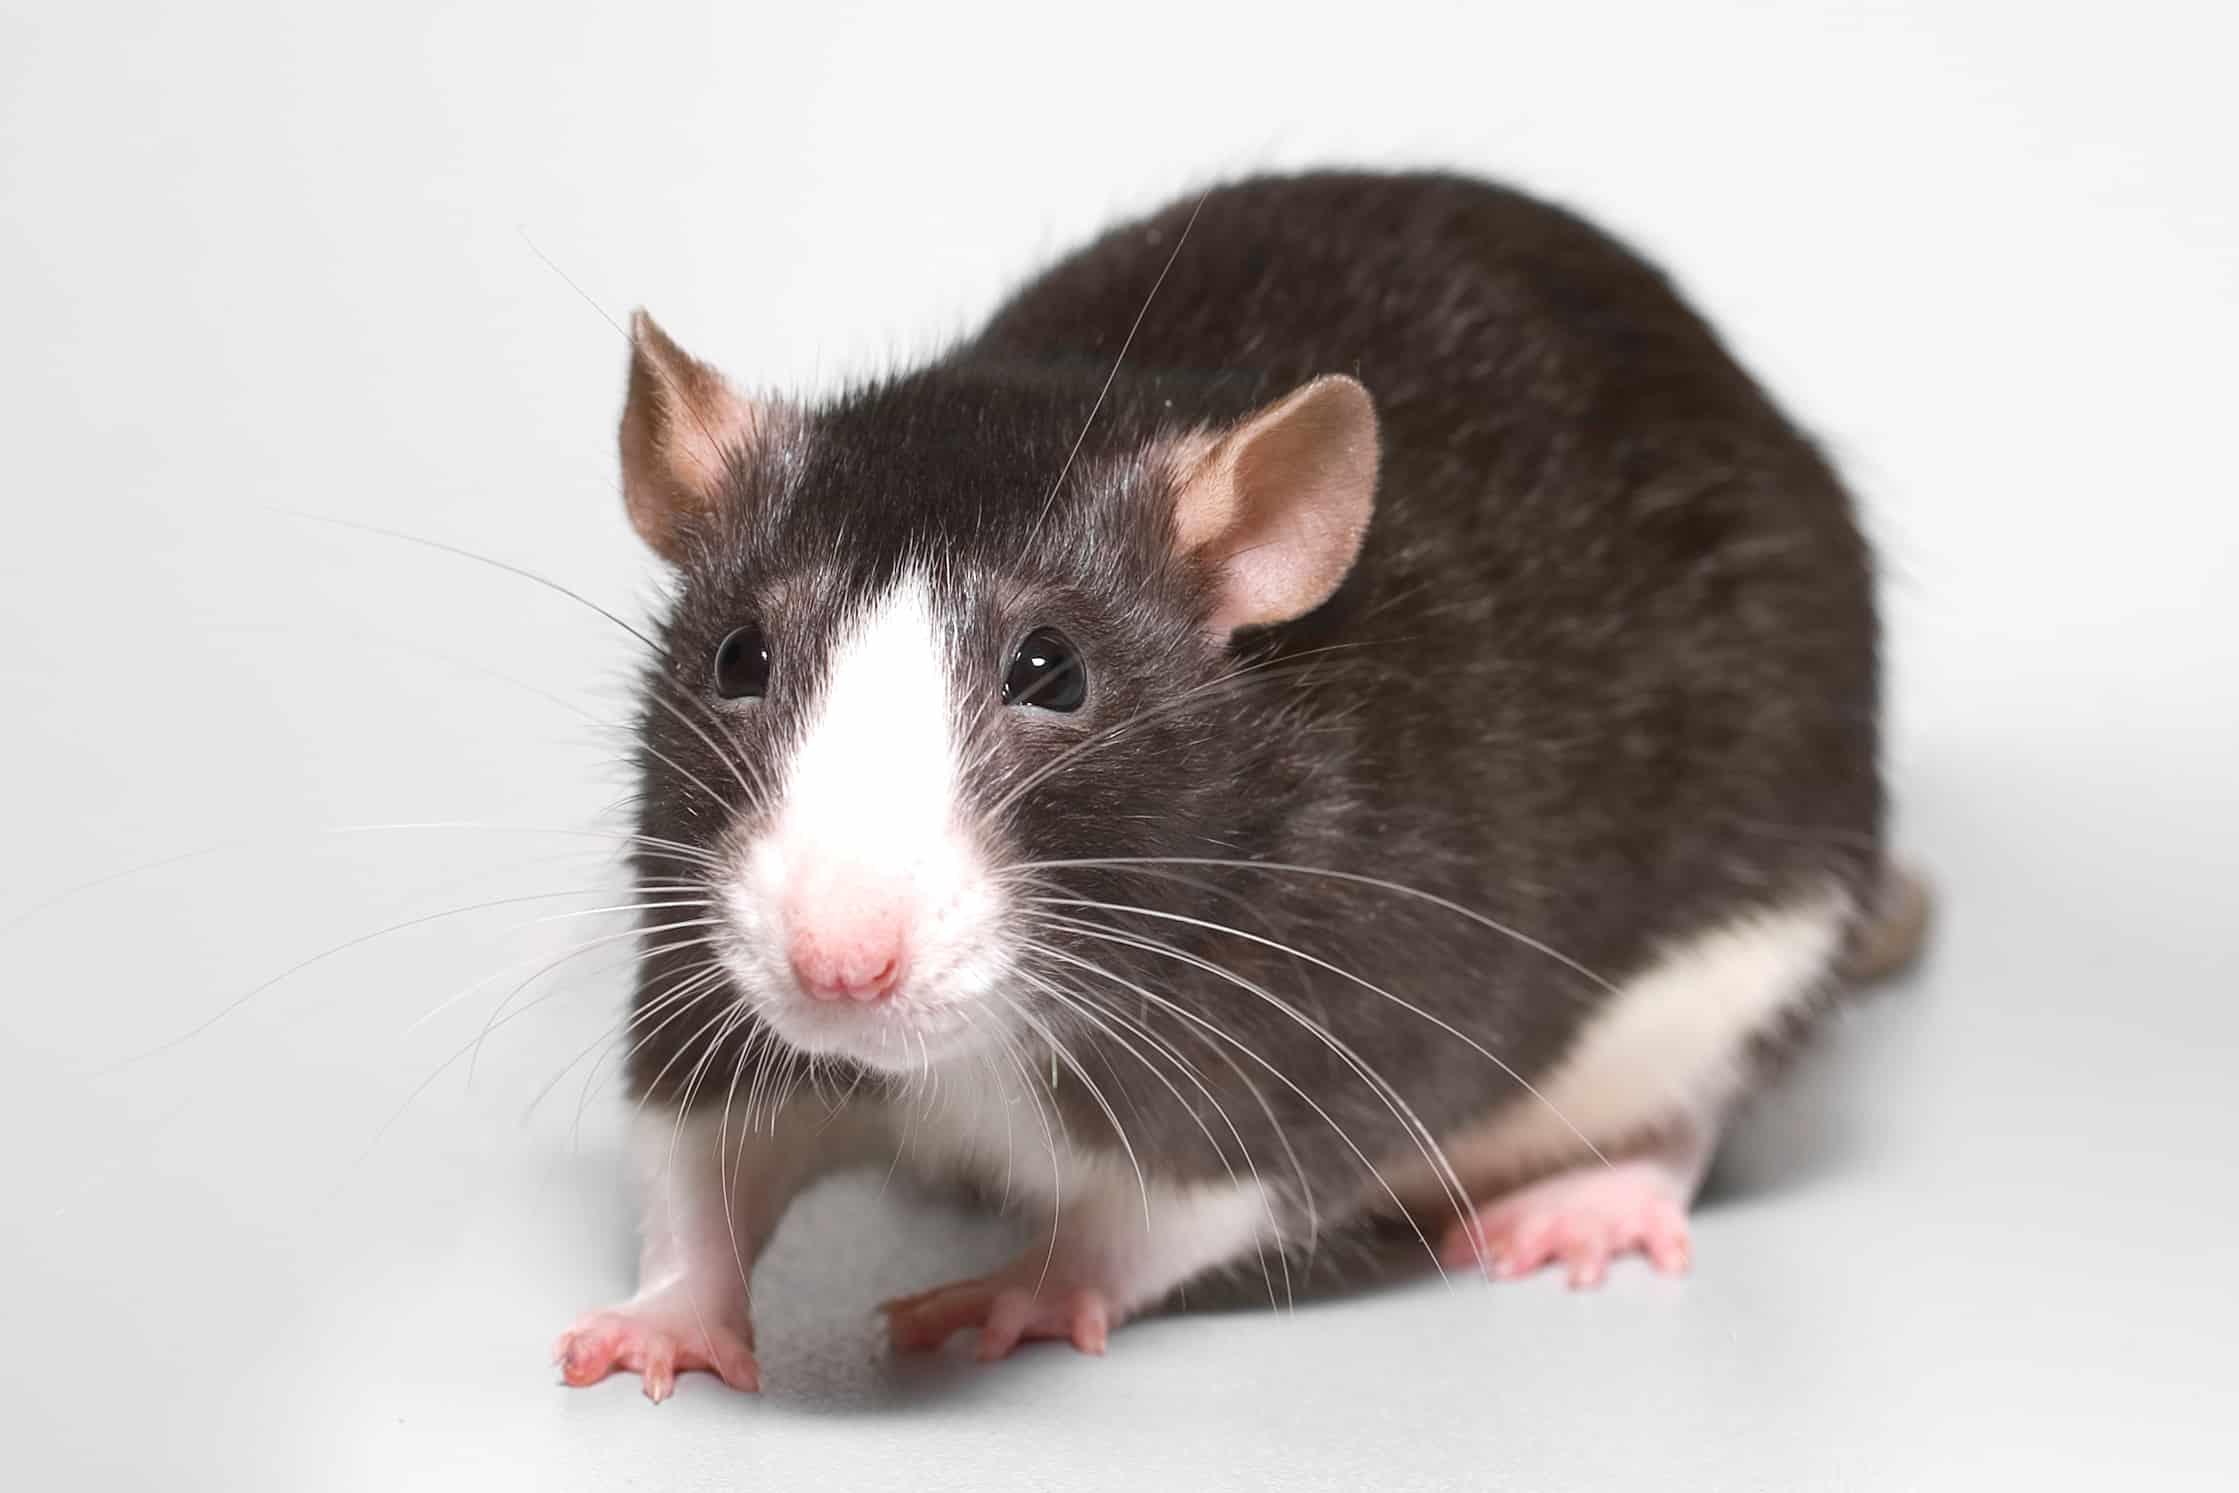 крысе досталось первое место в гороскопе